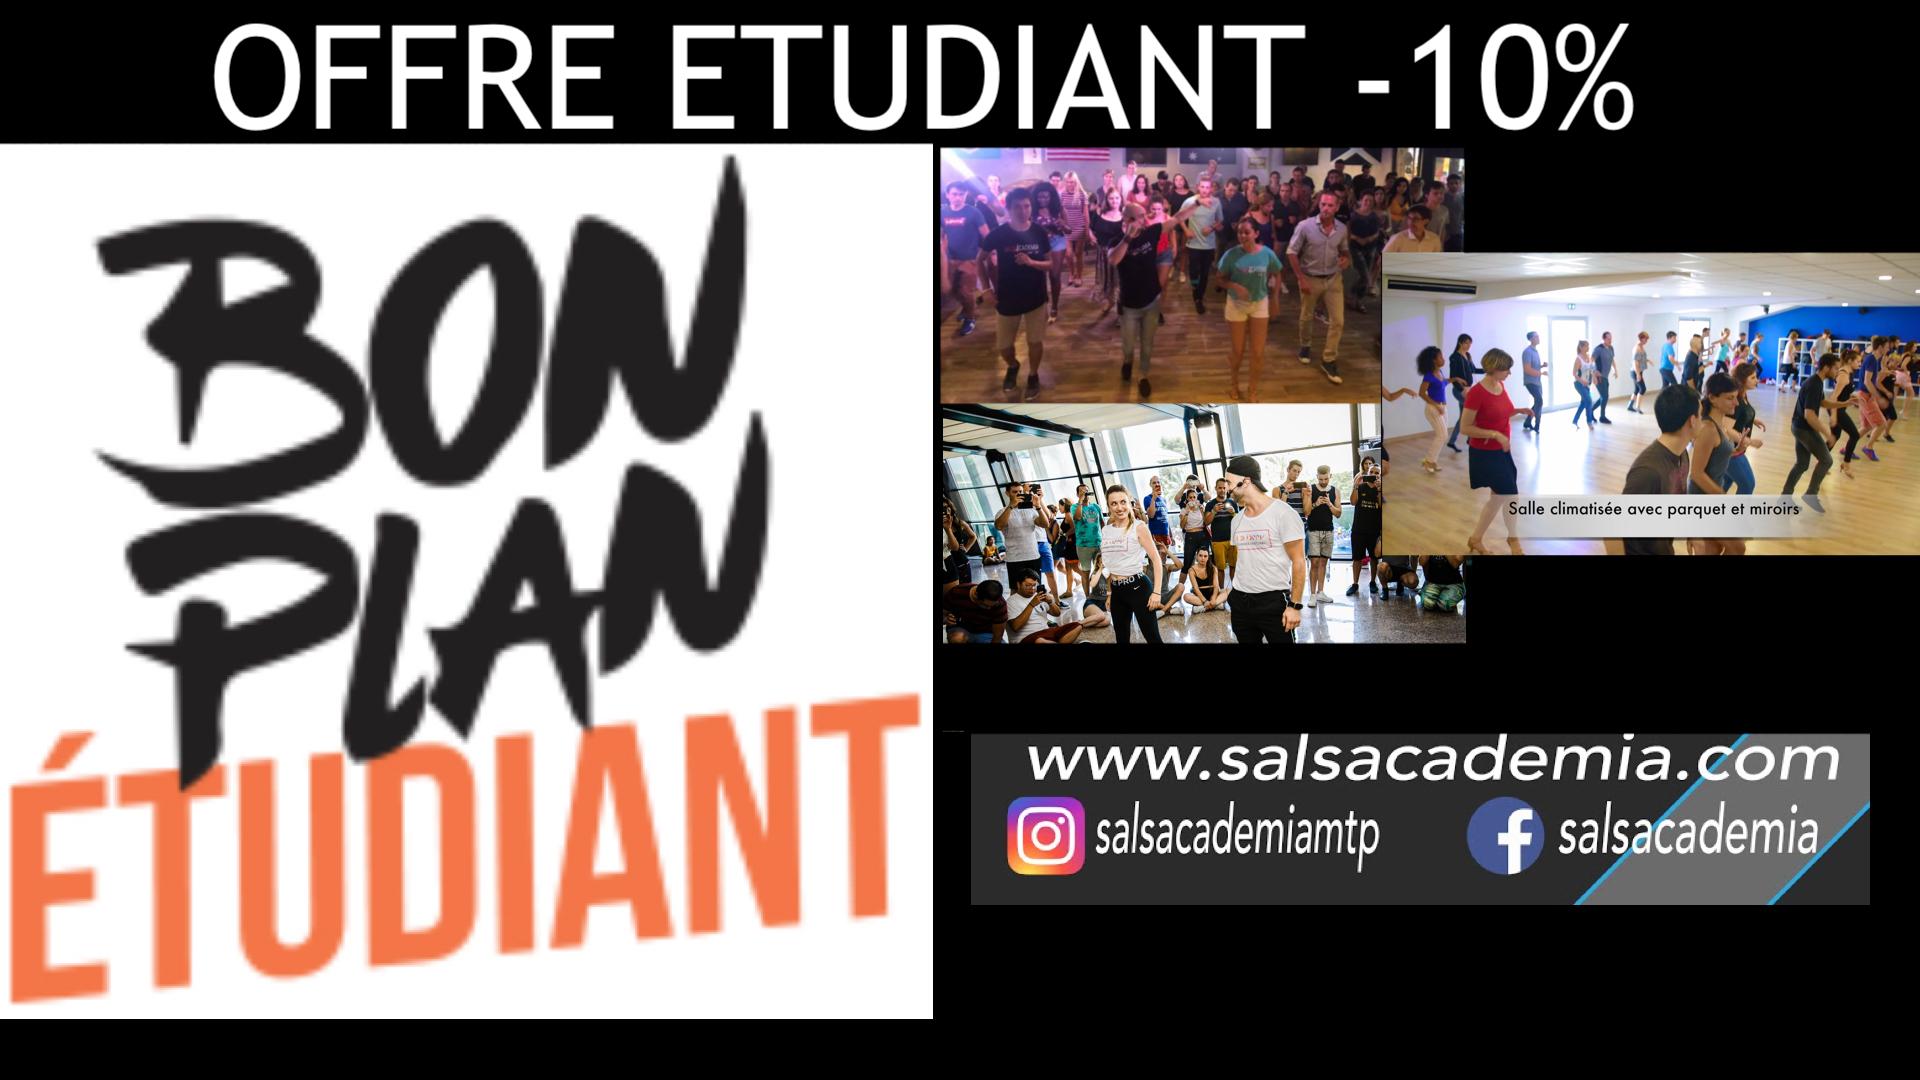 Bon Plan Etudiant : Apprenez la Salsa à Montpellier !